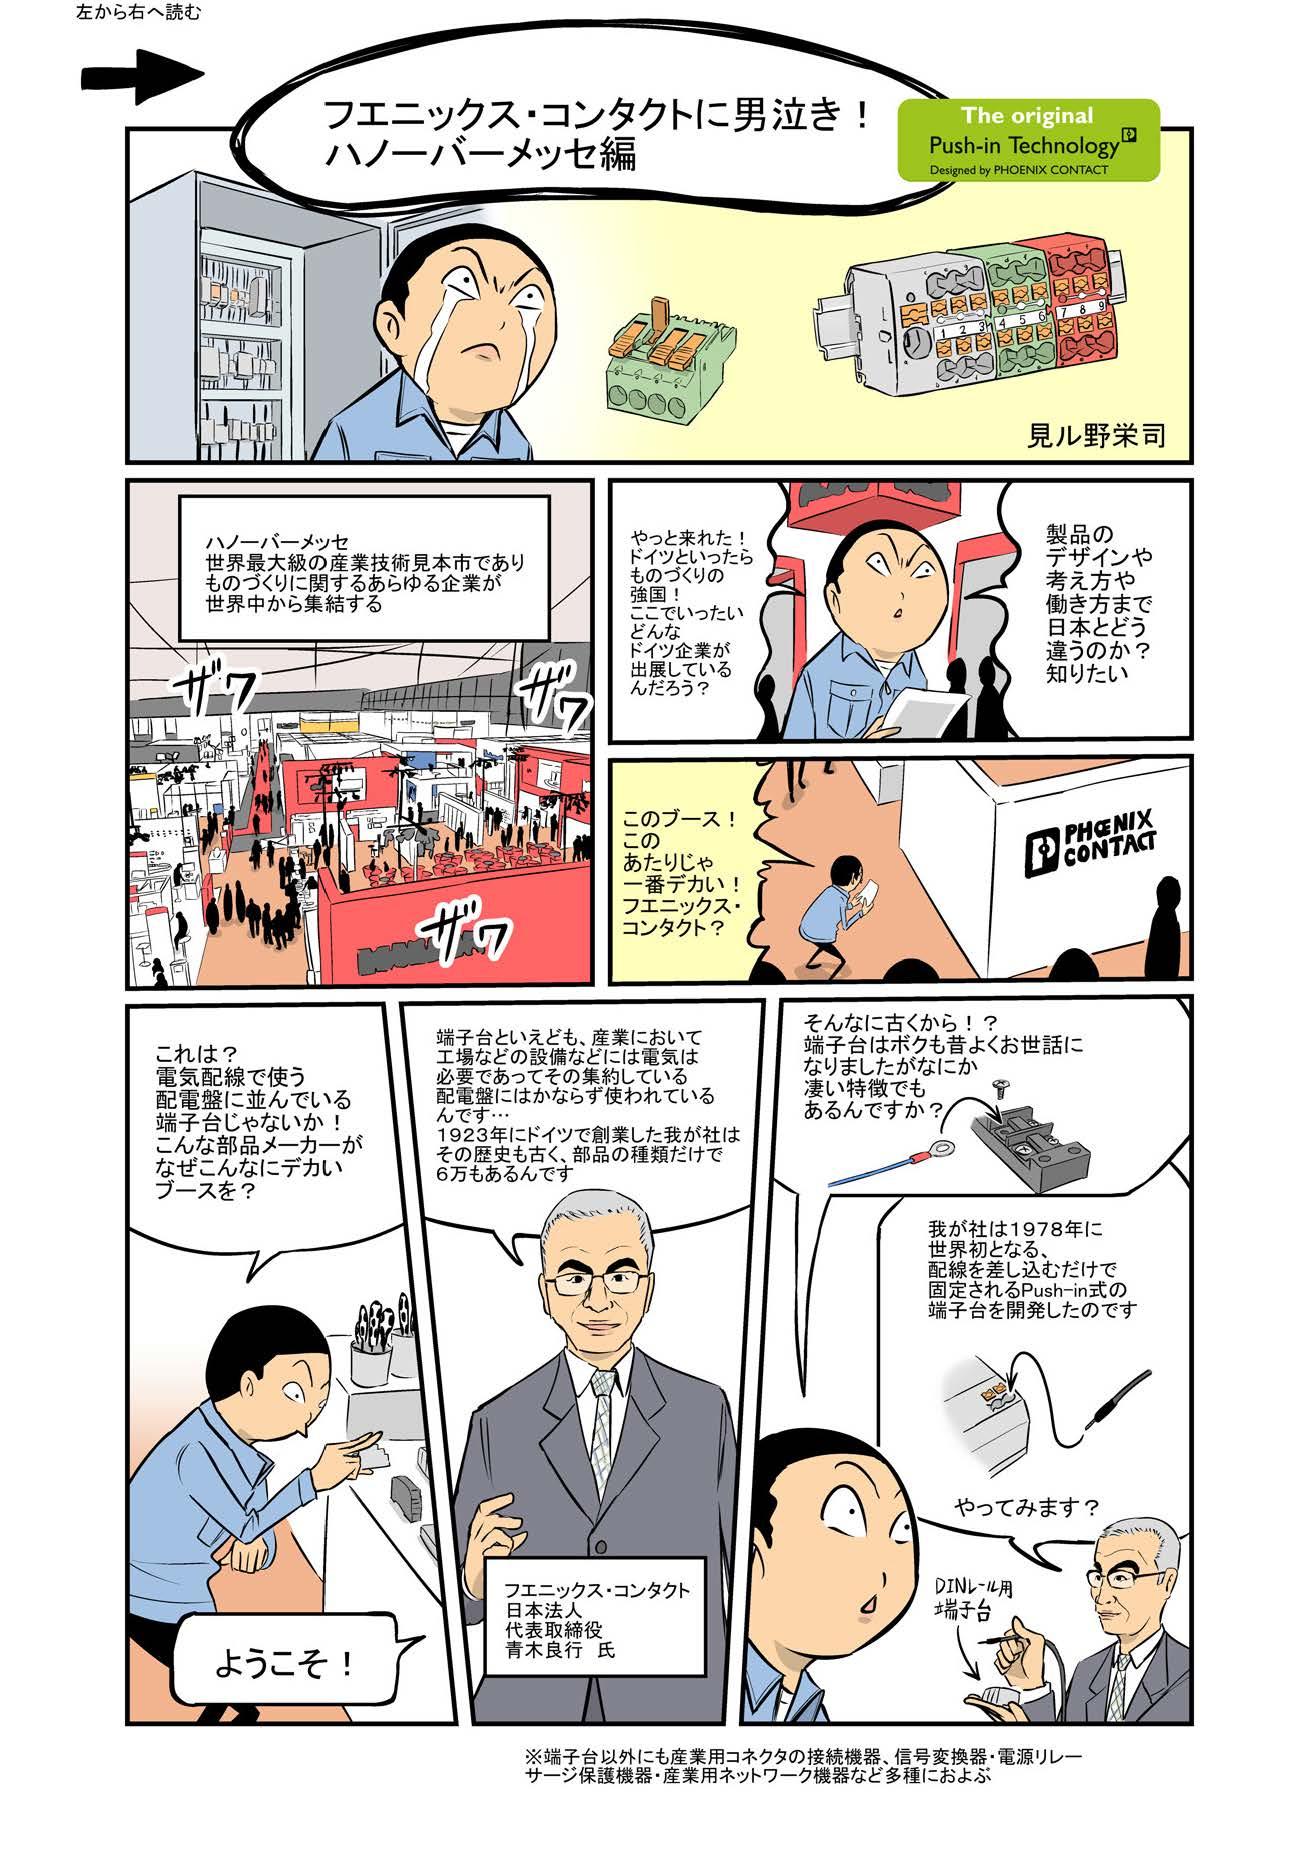 フェニックス・コンタクトに男泣き!ハノーバーメッセ編001